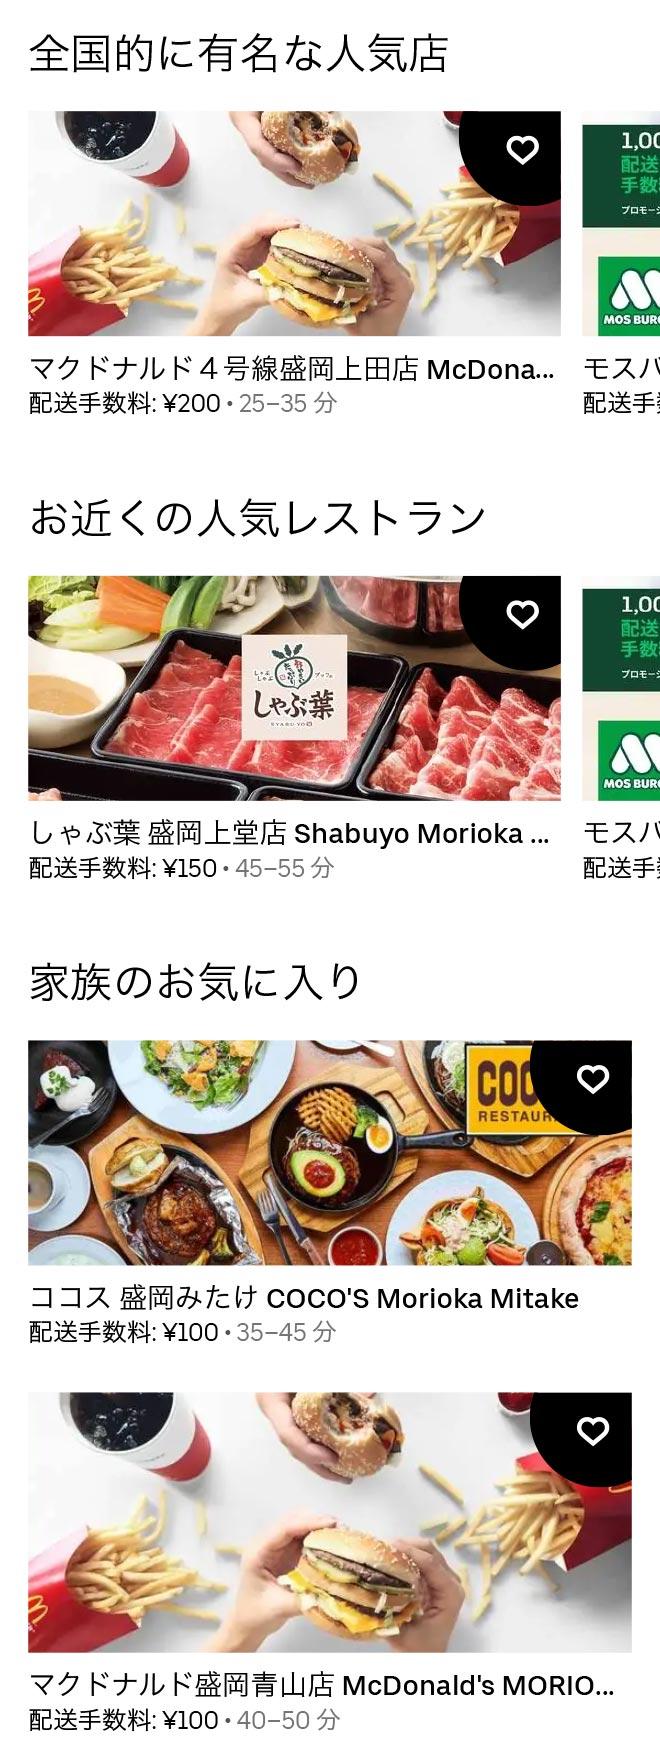 U kuriyagawa 2106 01